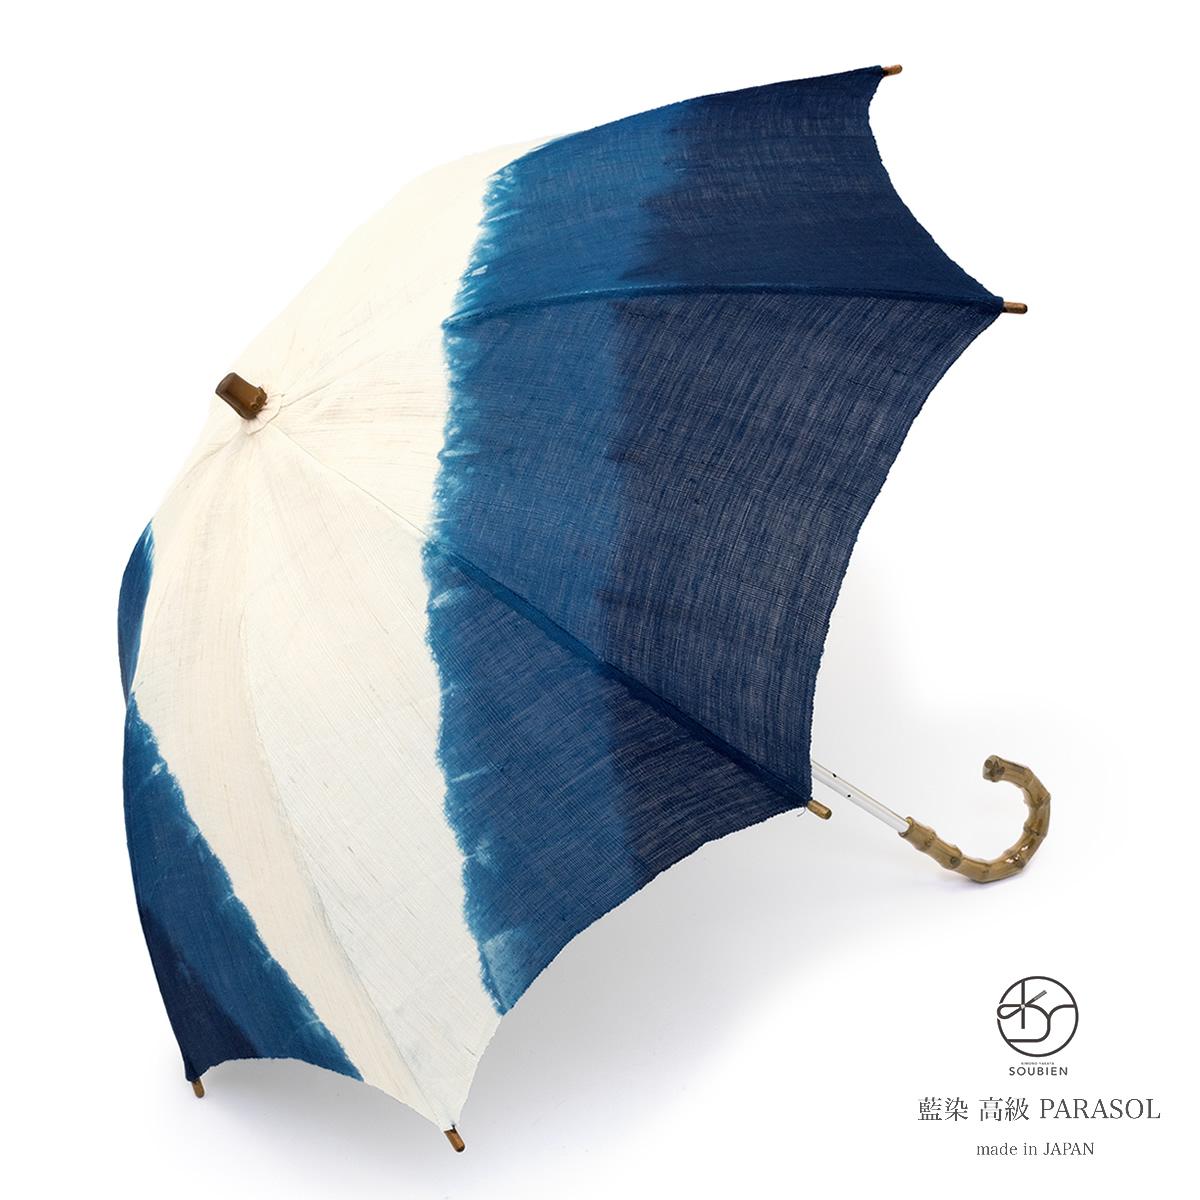 日傘 藍 インディゴブルー ネイビー 生成り グラデーション 藍染 引染 麻 ひがさ 和装小物 便利小物 日本製【あす楽対応】【送料無料】